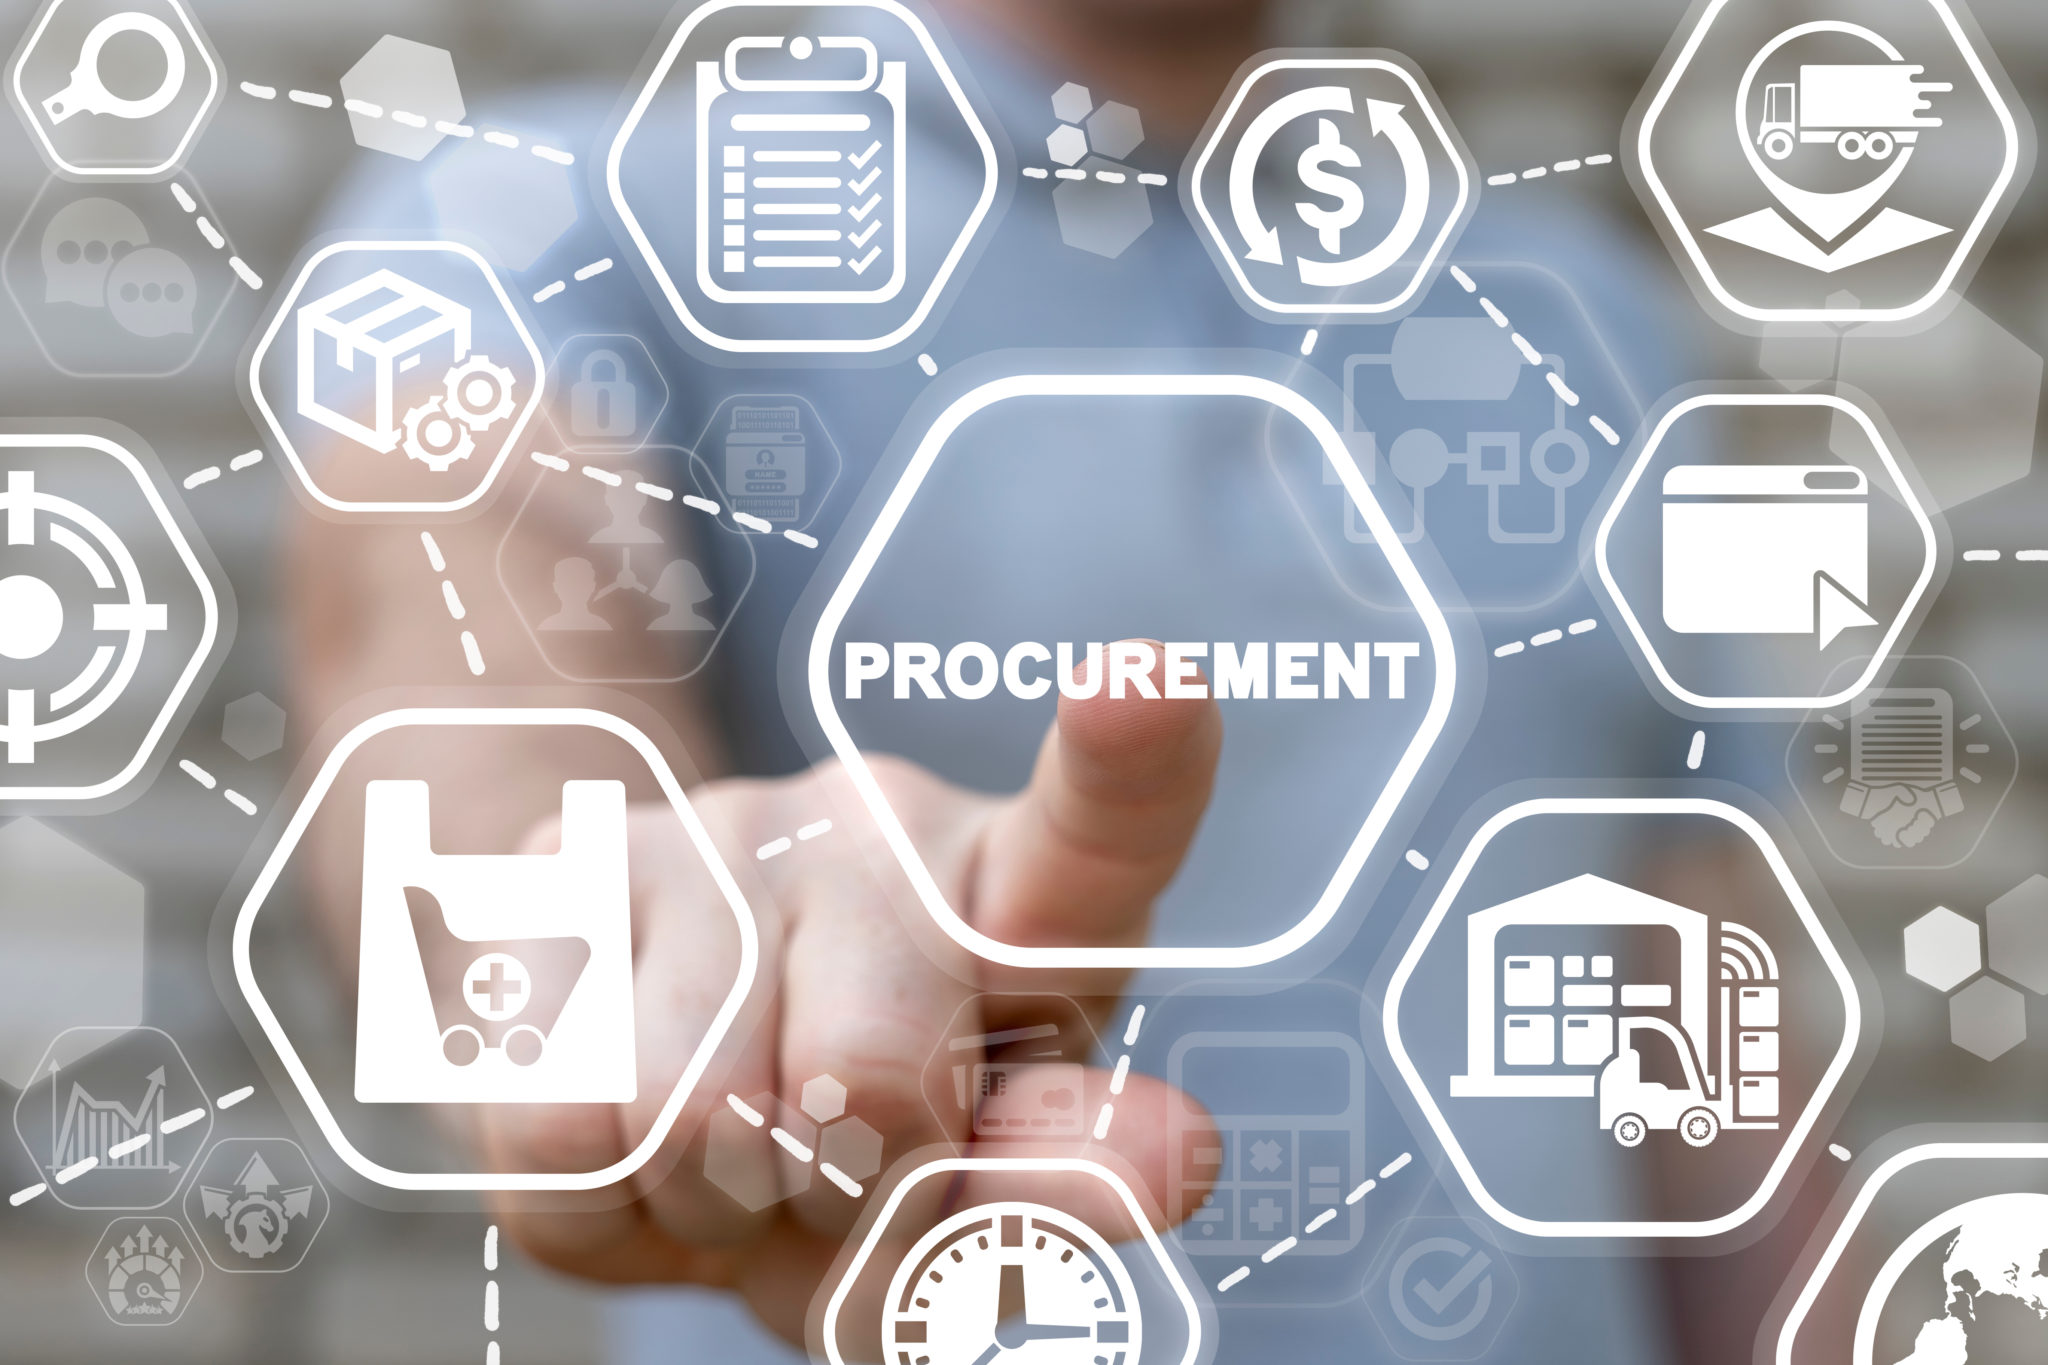 gestion-donnees-fournisseurs-est-socle-si-achats-performant